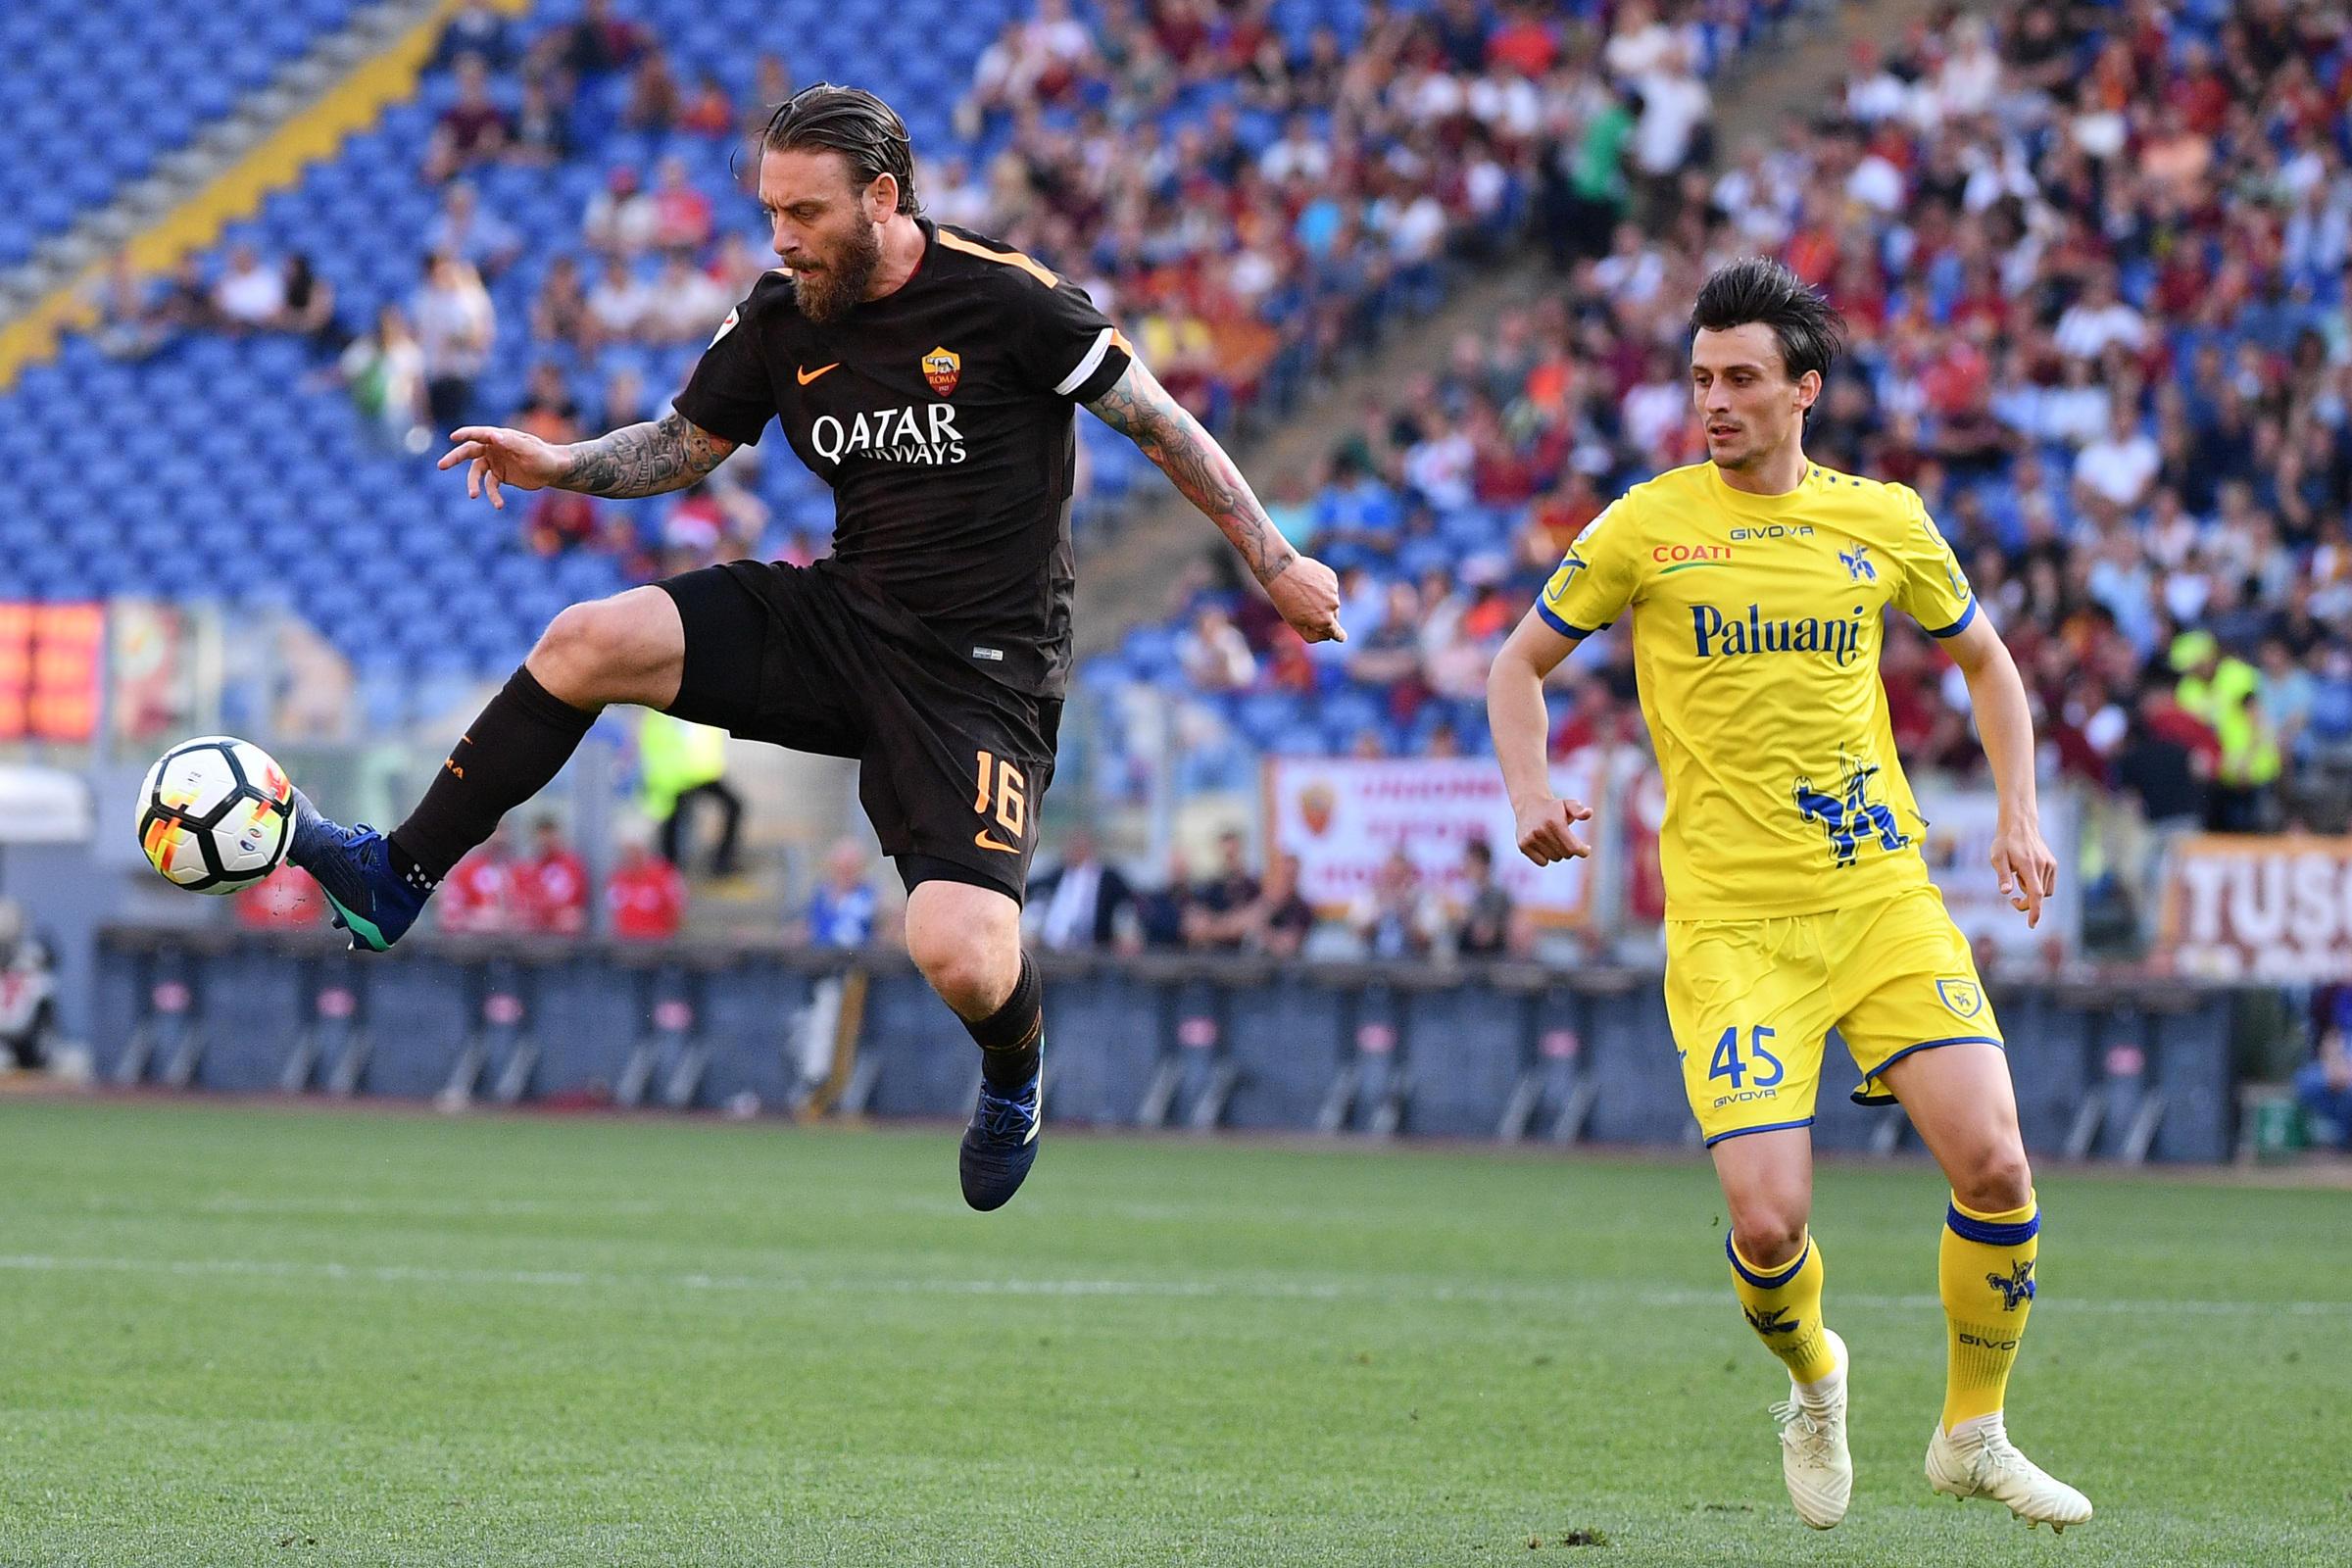 Serie A, Roma-Chievo 4-1: tutto facile con Schick, El Shaarawy e Dzeko